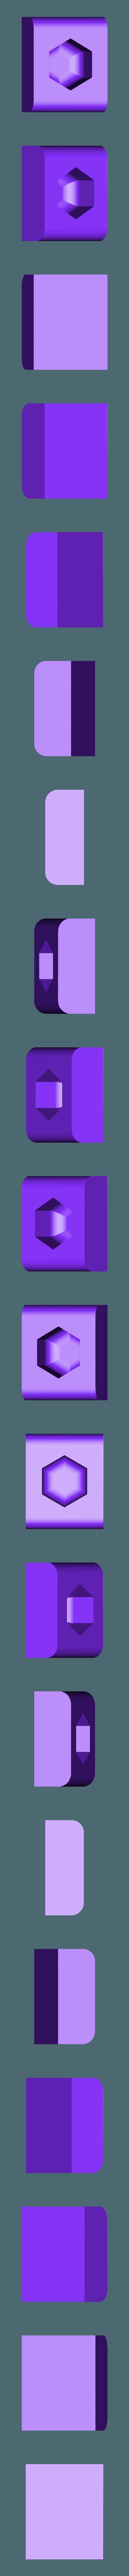 Bar_Nut_Insert_v1-0_Small.STL Télécharger fichier STL gratuit Insert d'écrou Rigidbot • Plan pour imprimante 3D, WalterHsiao